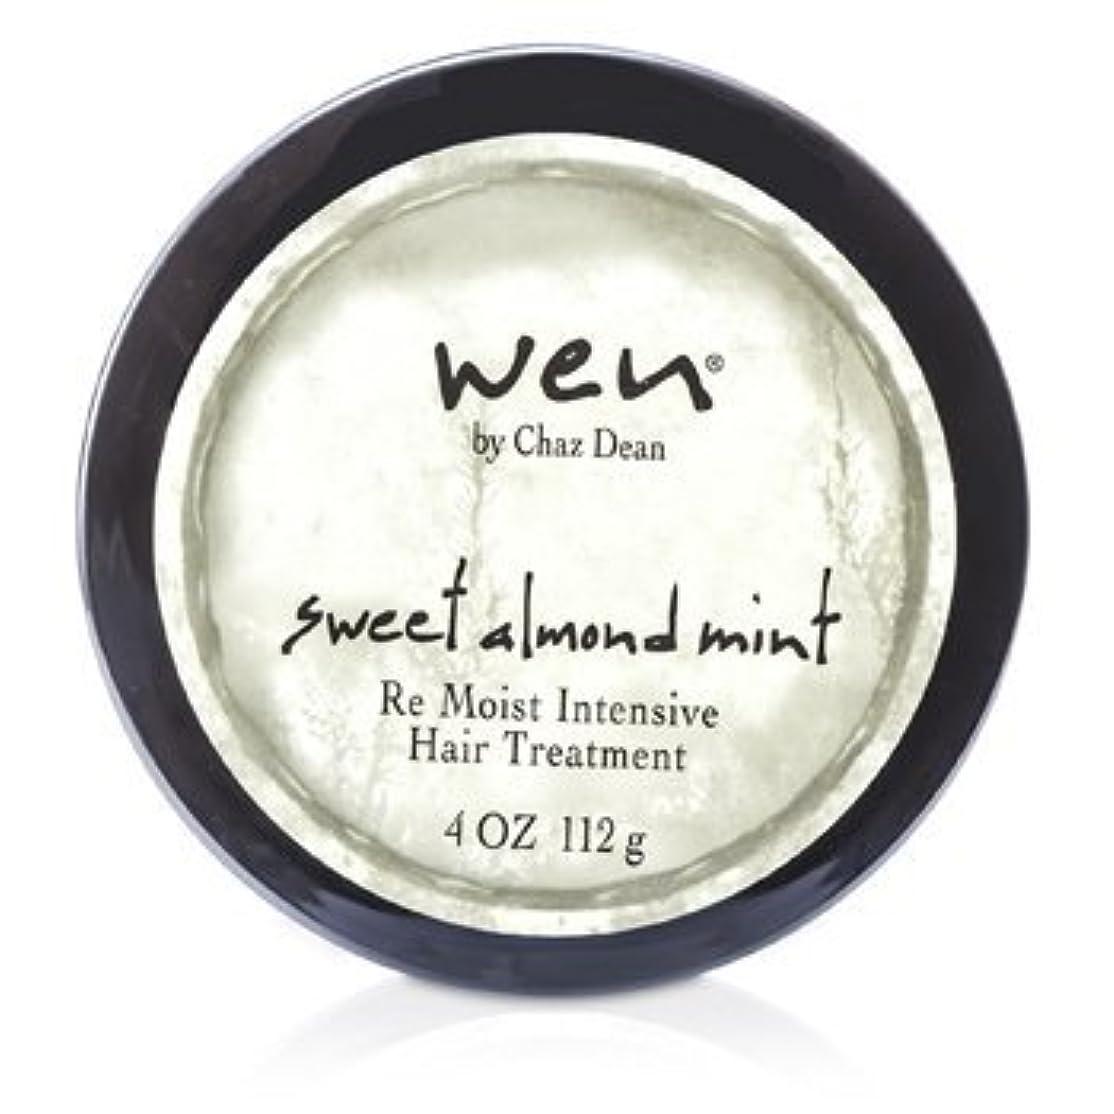 時代遅れ自慢ネズミWEN Re Moist Intensive Hair Treatment 112g sweet almond mint [並行輸入品]